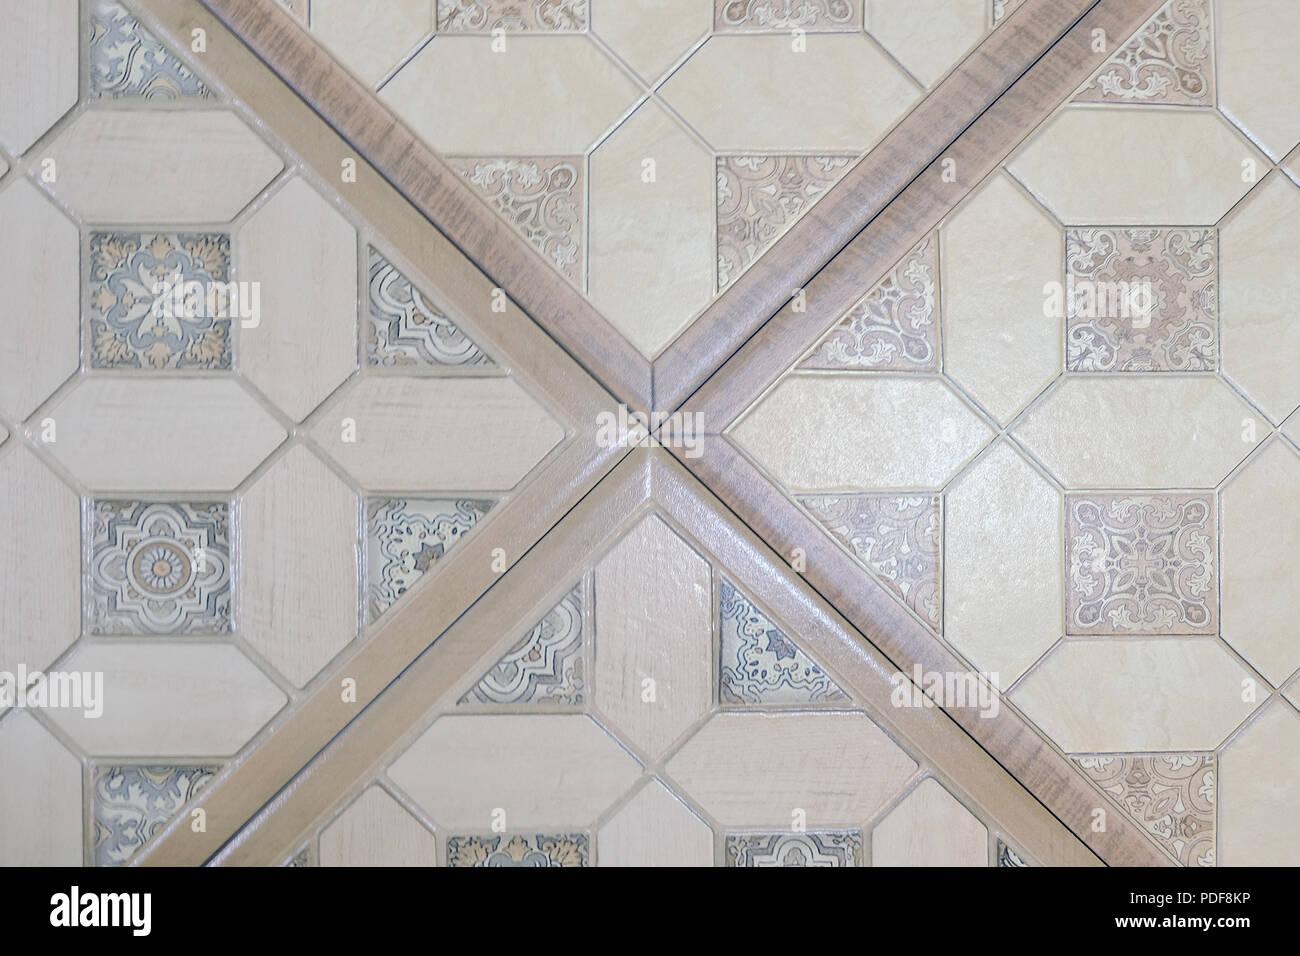 Piastrelle in ceramica con ornamenti. Un mosaico di piastrelle in ...